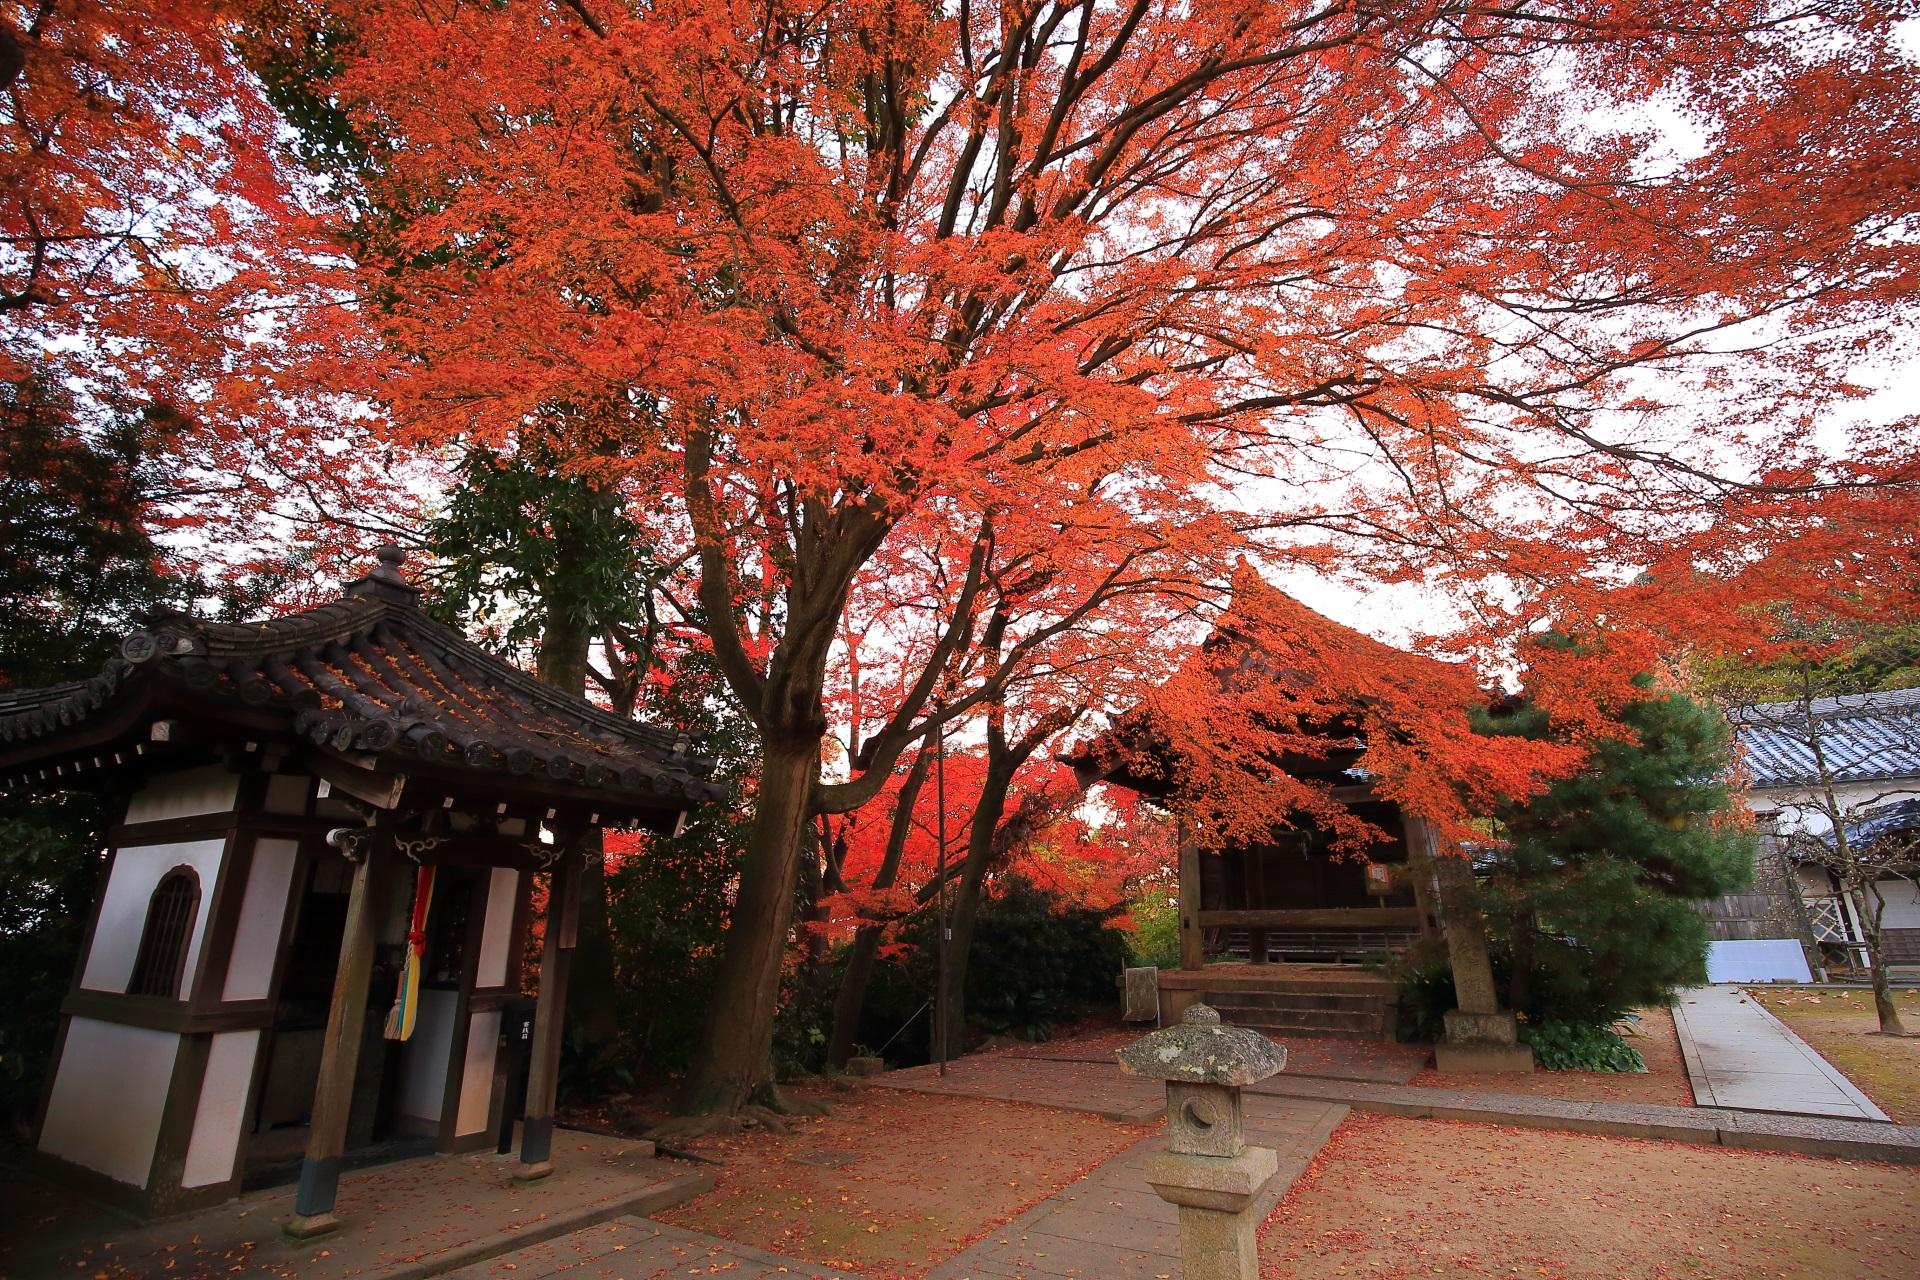 山崎聖天の薬師堂や鐘楼をつつむ大きな紅葉